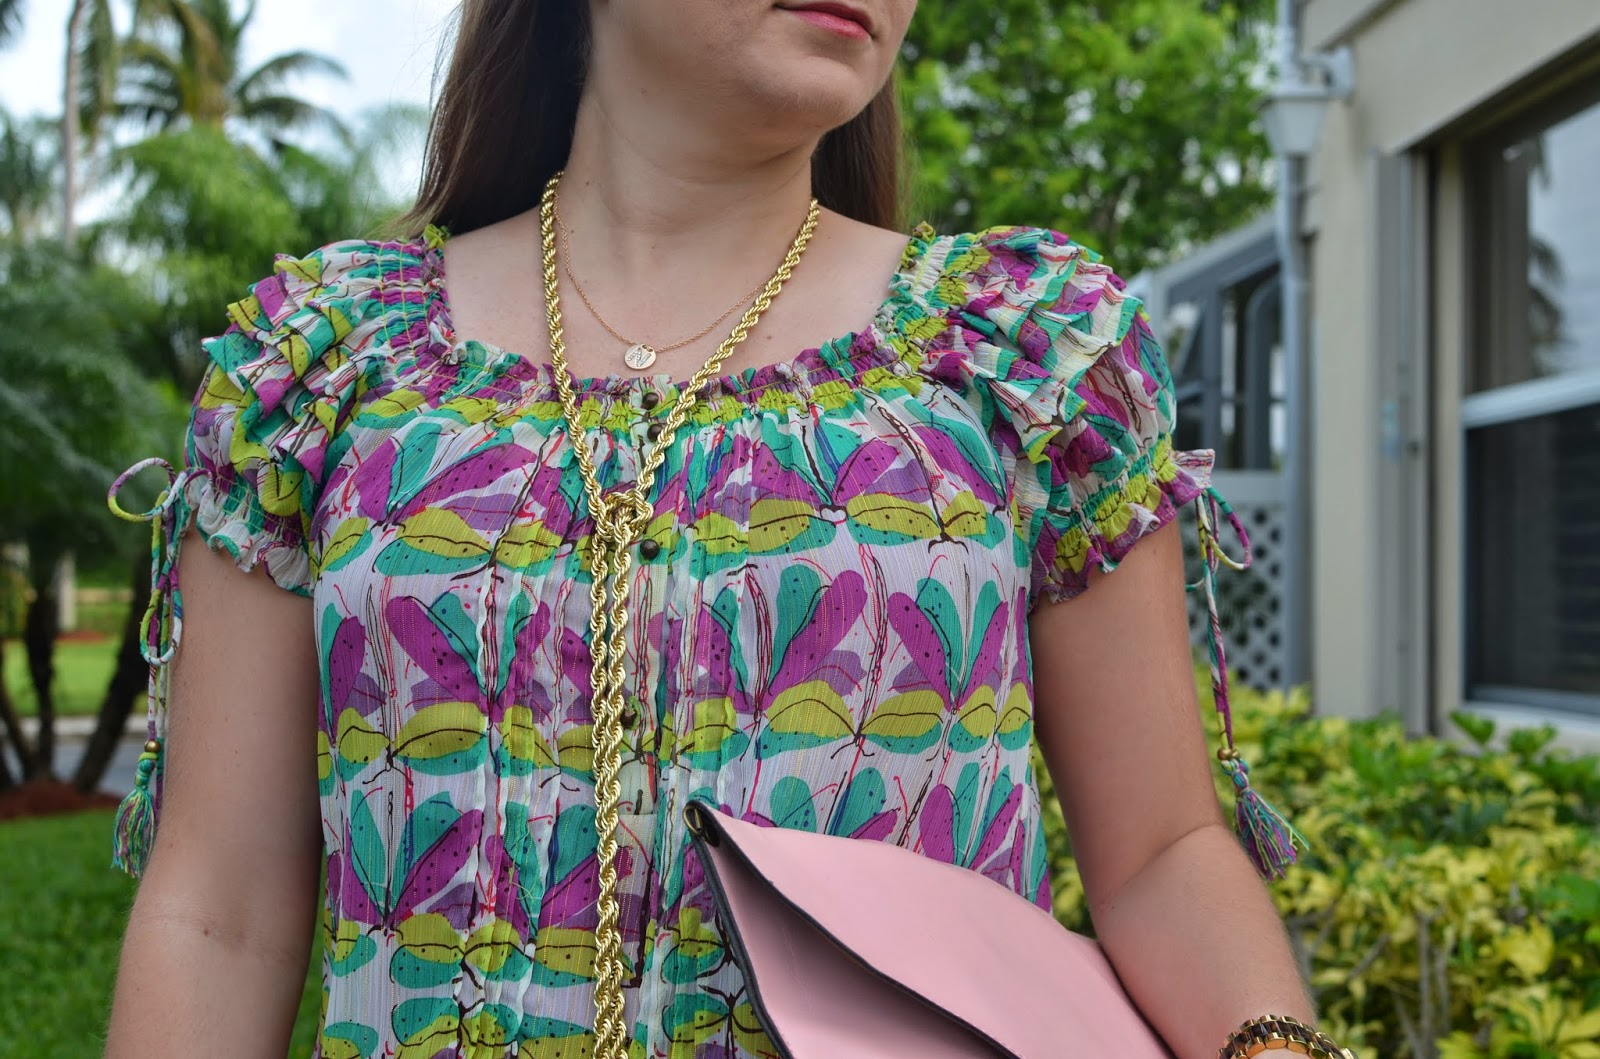 Summer dress - pink clutch - studded sandals